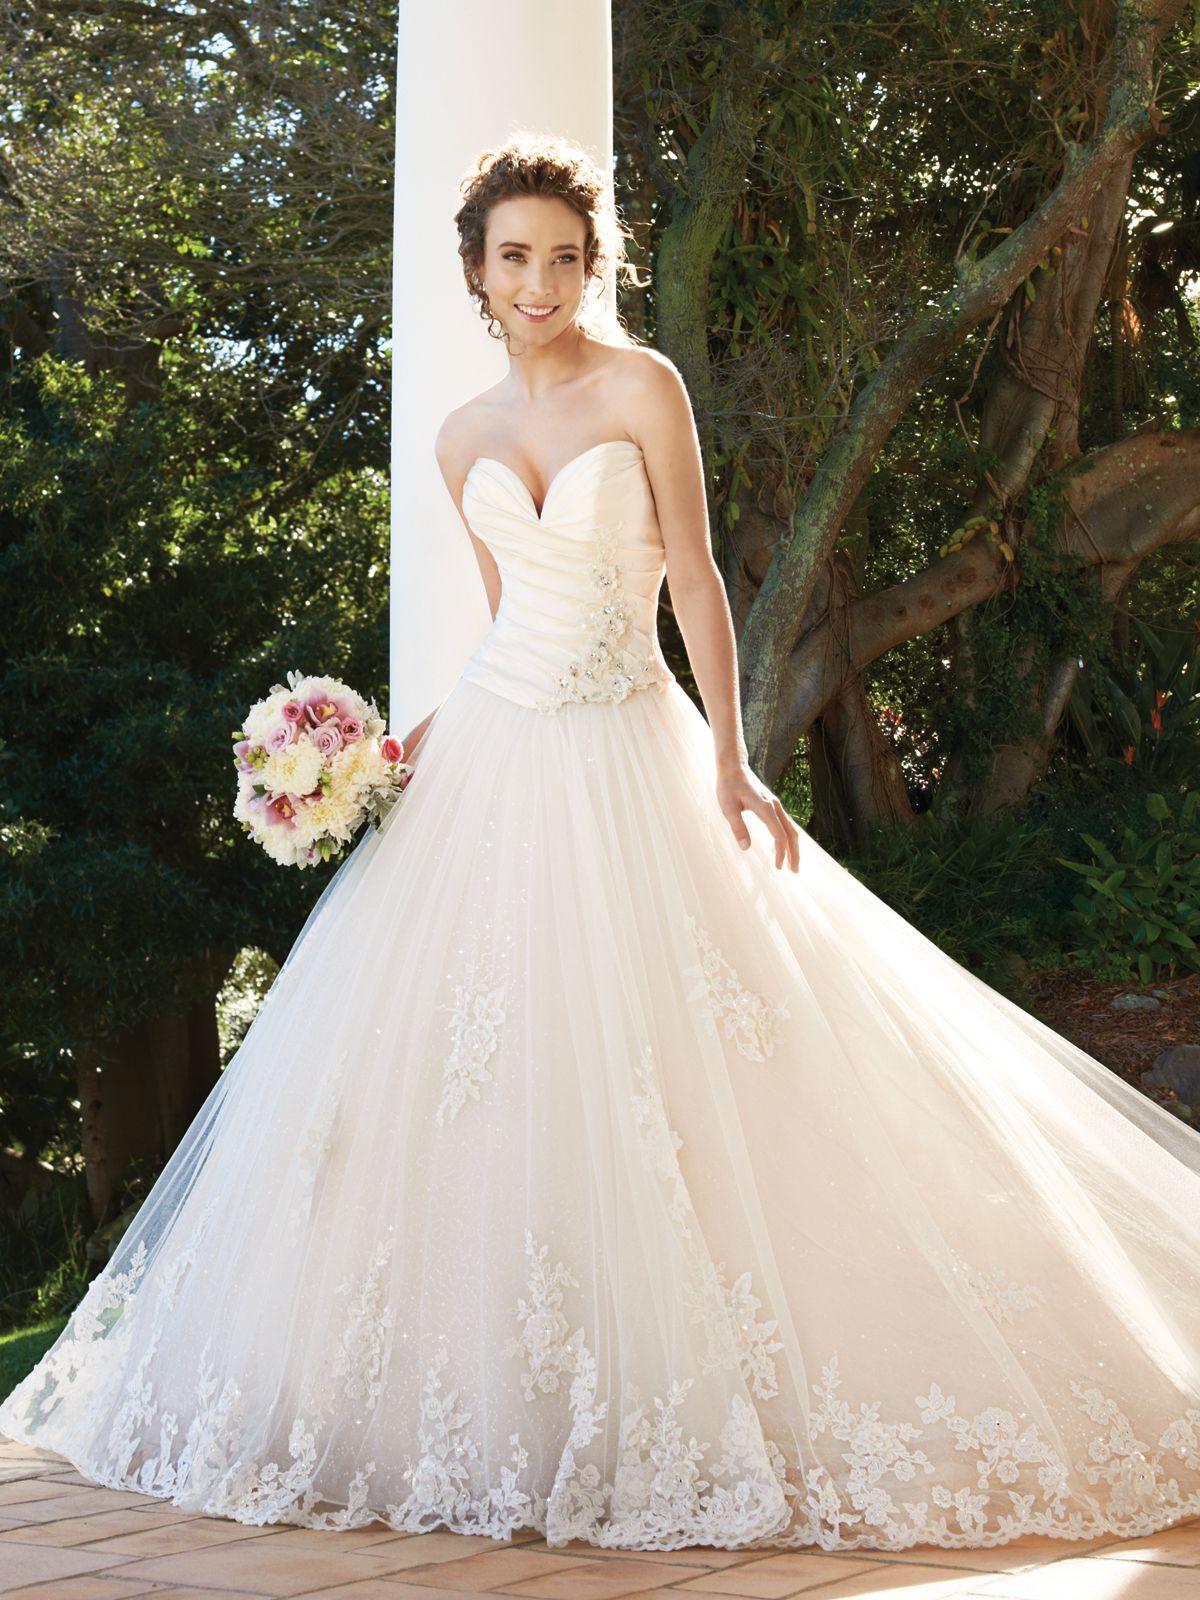 78  images about Wedding Gowns - Matt on Pinterest | Pnina tornai ...